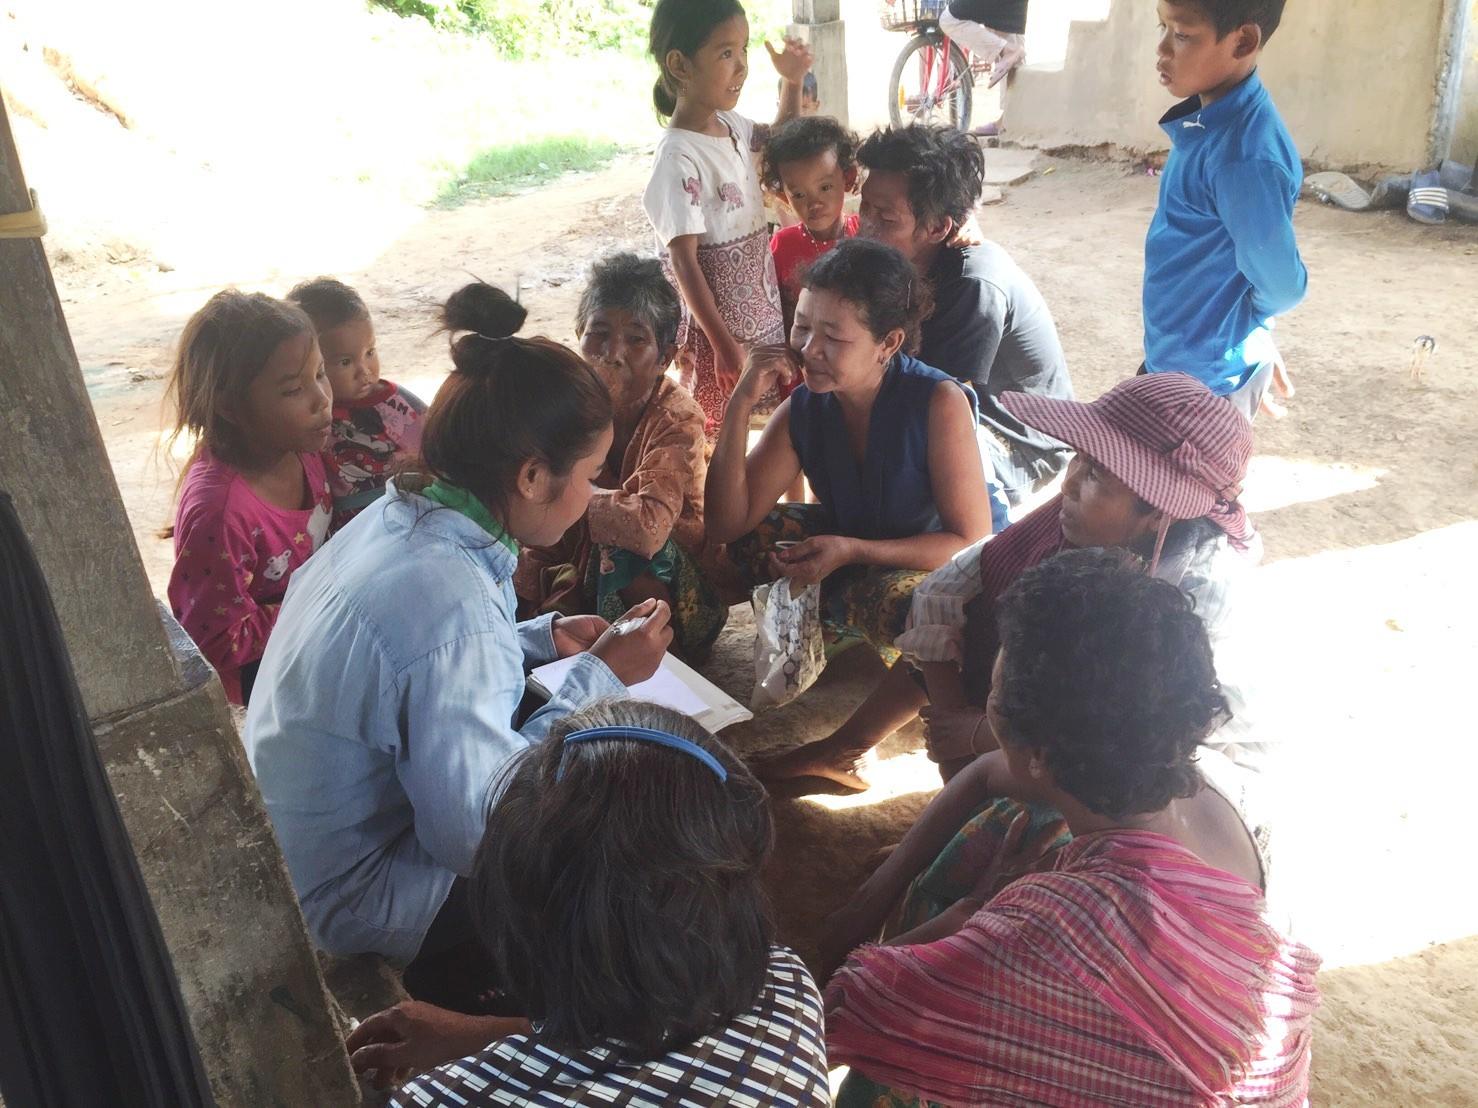 自治会にてビジョンについて話し合っている女性リーダーと村人たち